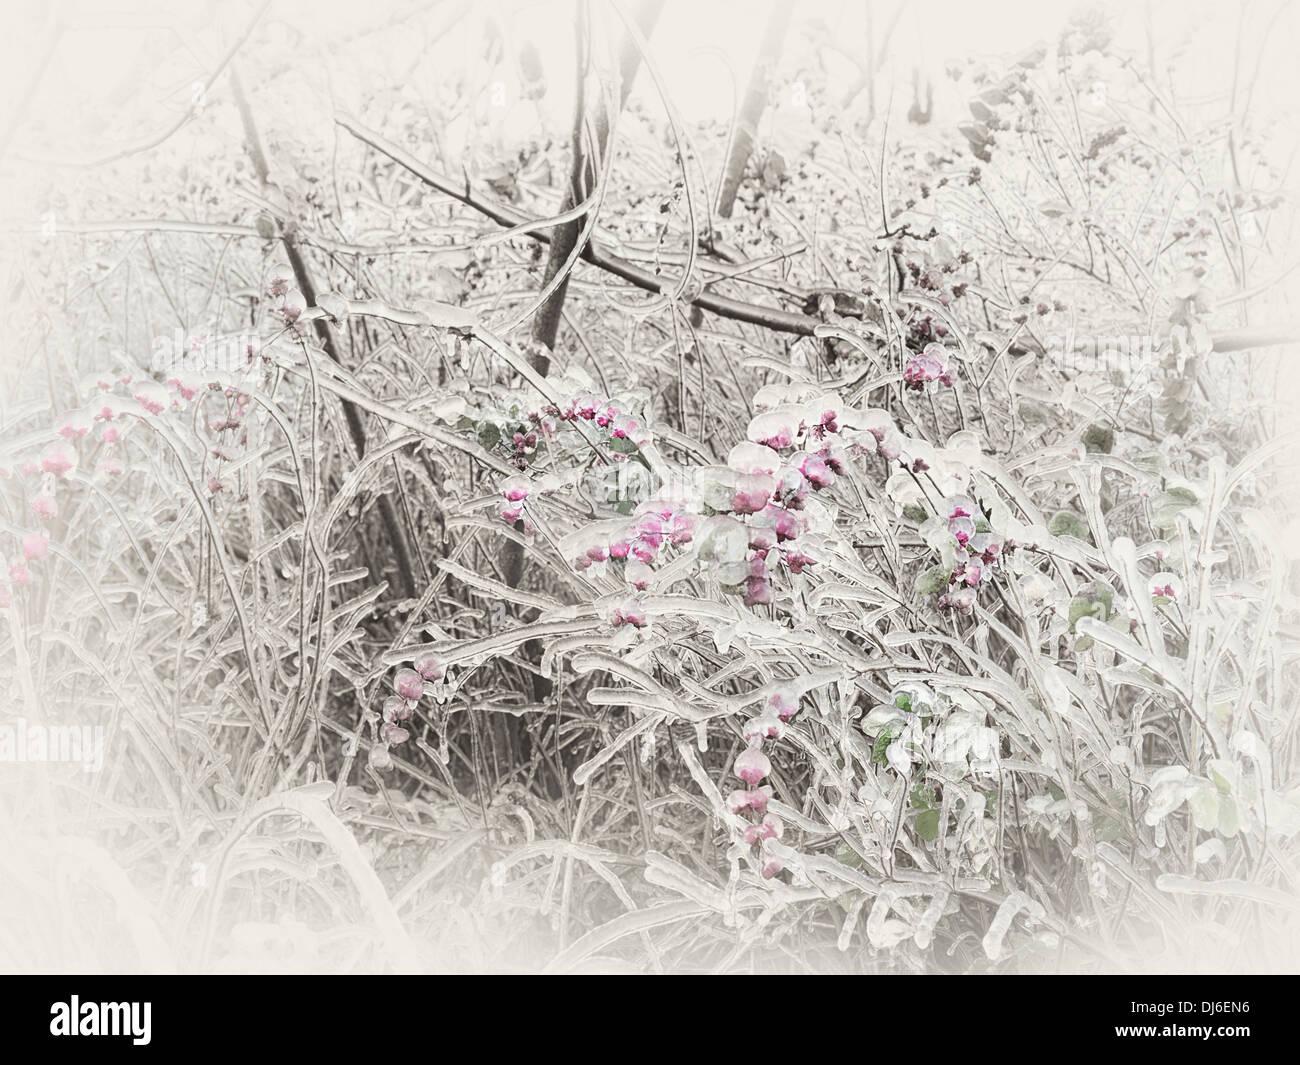 Gefroren, glasiert Eis Zweigen und rosa Beeren eines Strauches. Abstrakt Sepia getönten Herbst Natur Landschaft. Stockbild